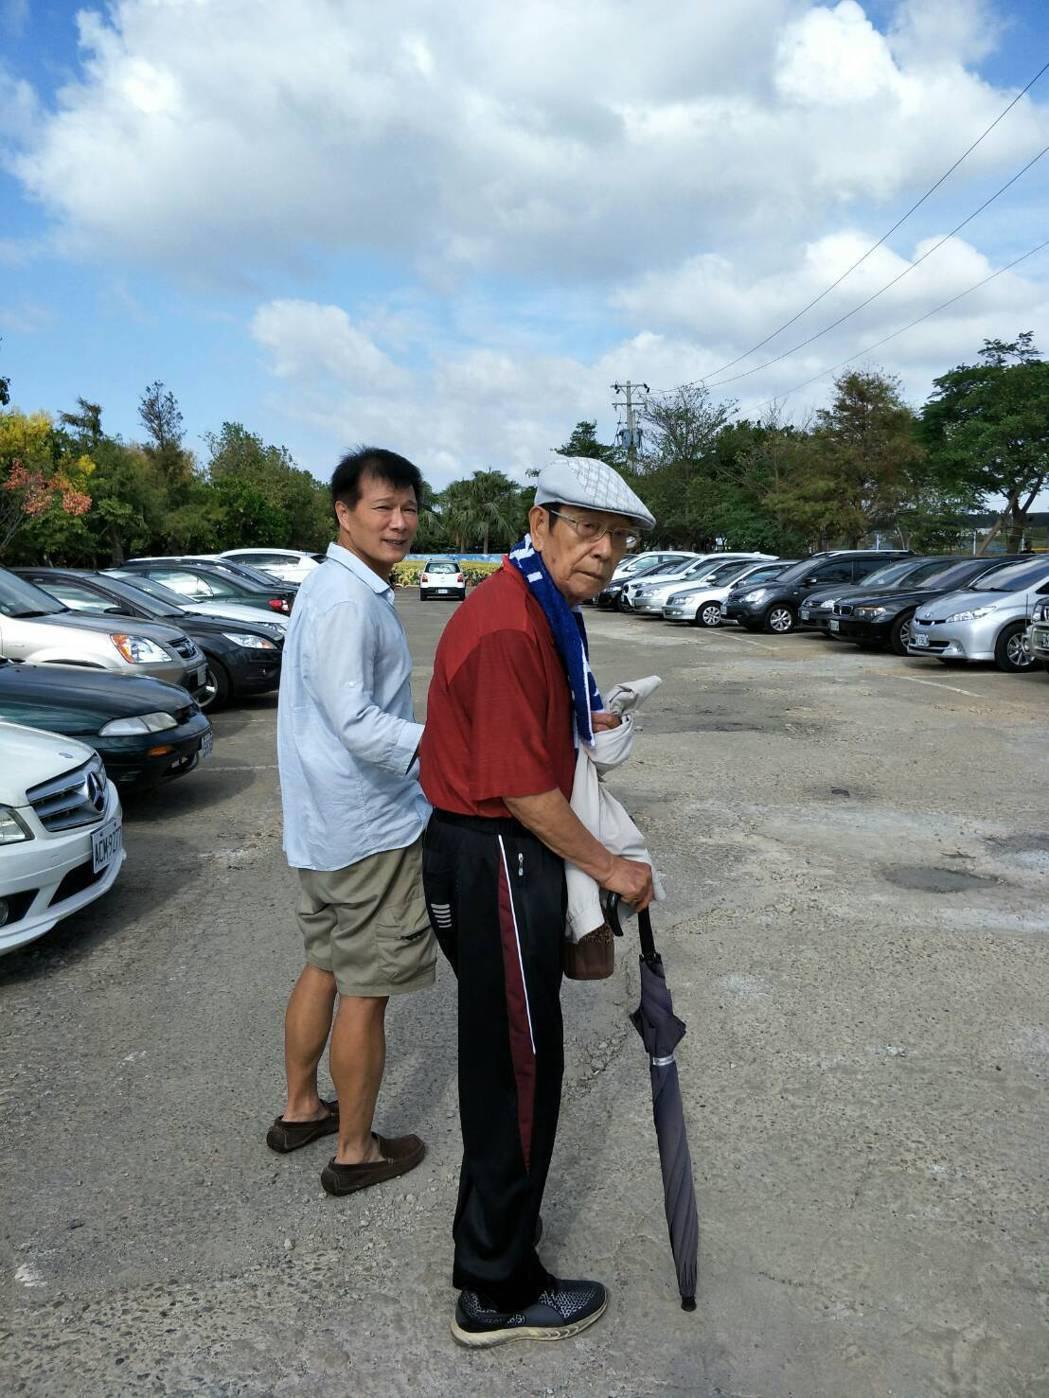 蔡詩萍與父親。圖/蔡詩萍提供